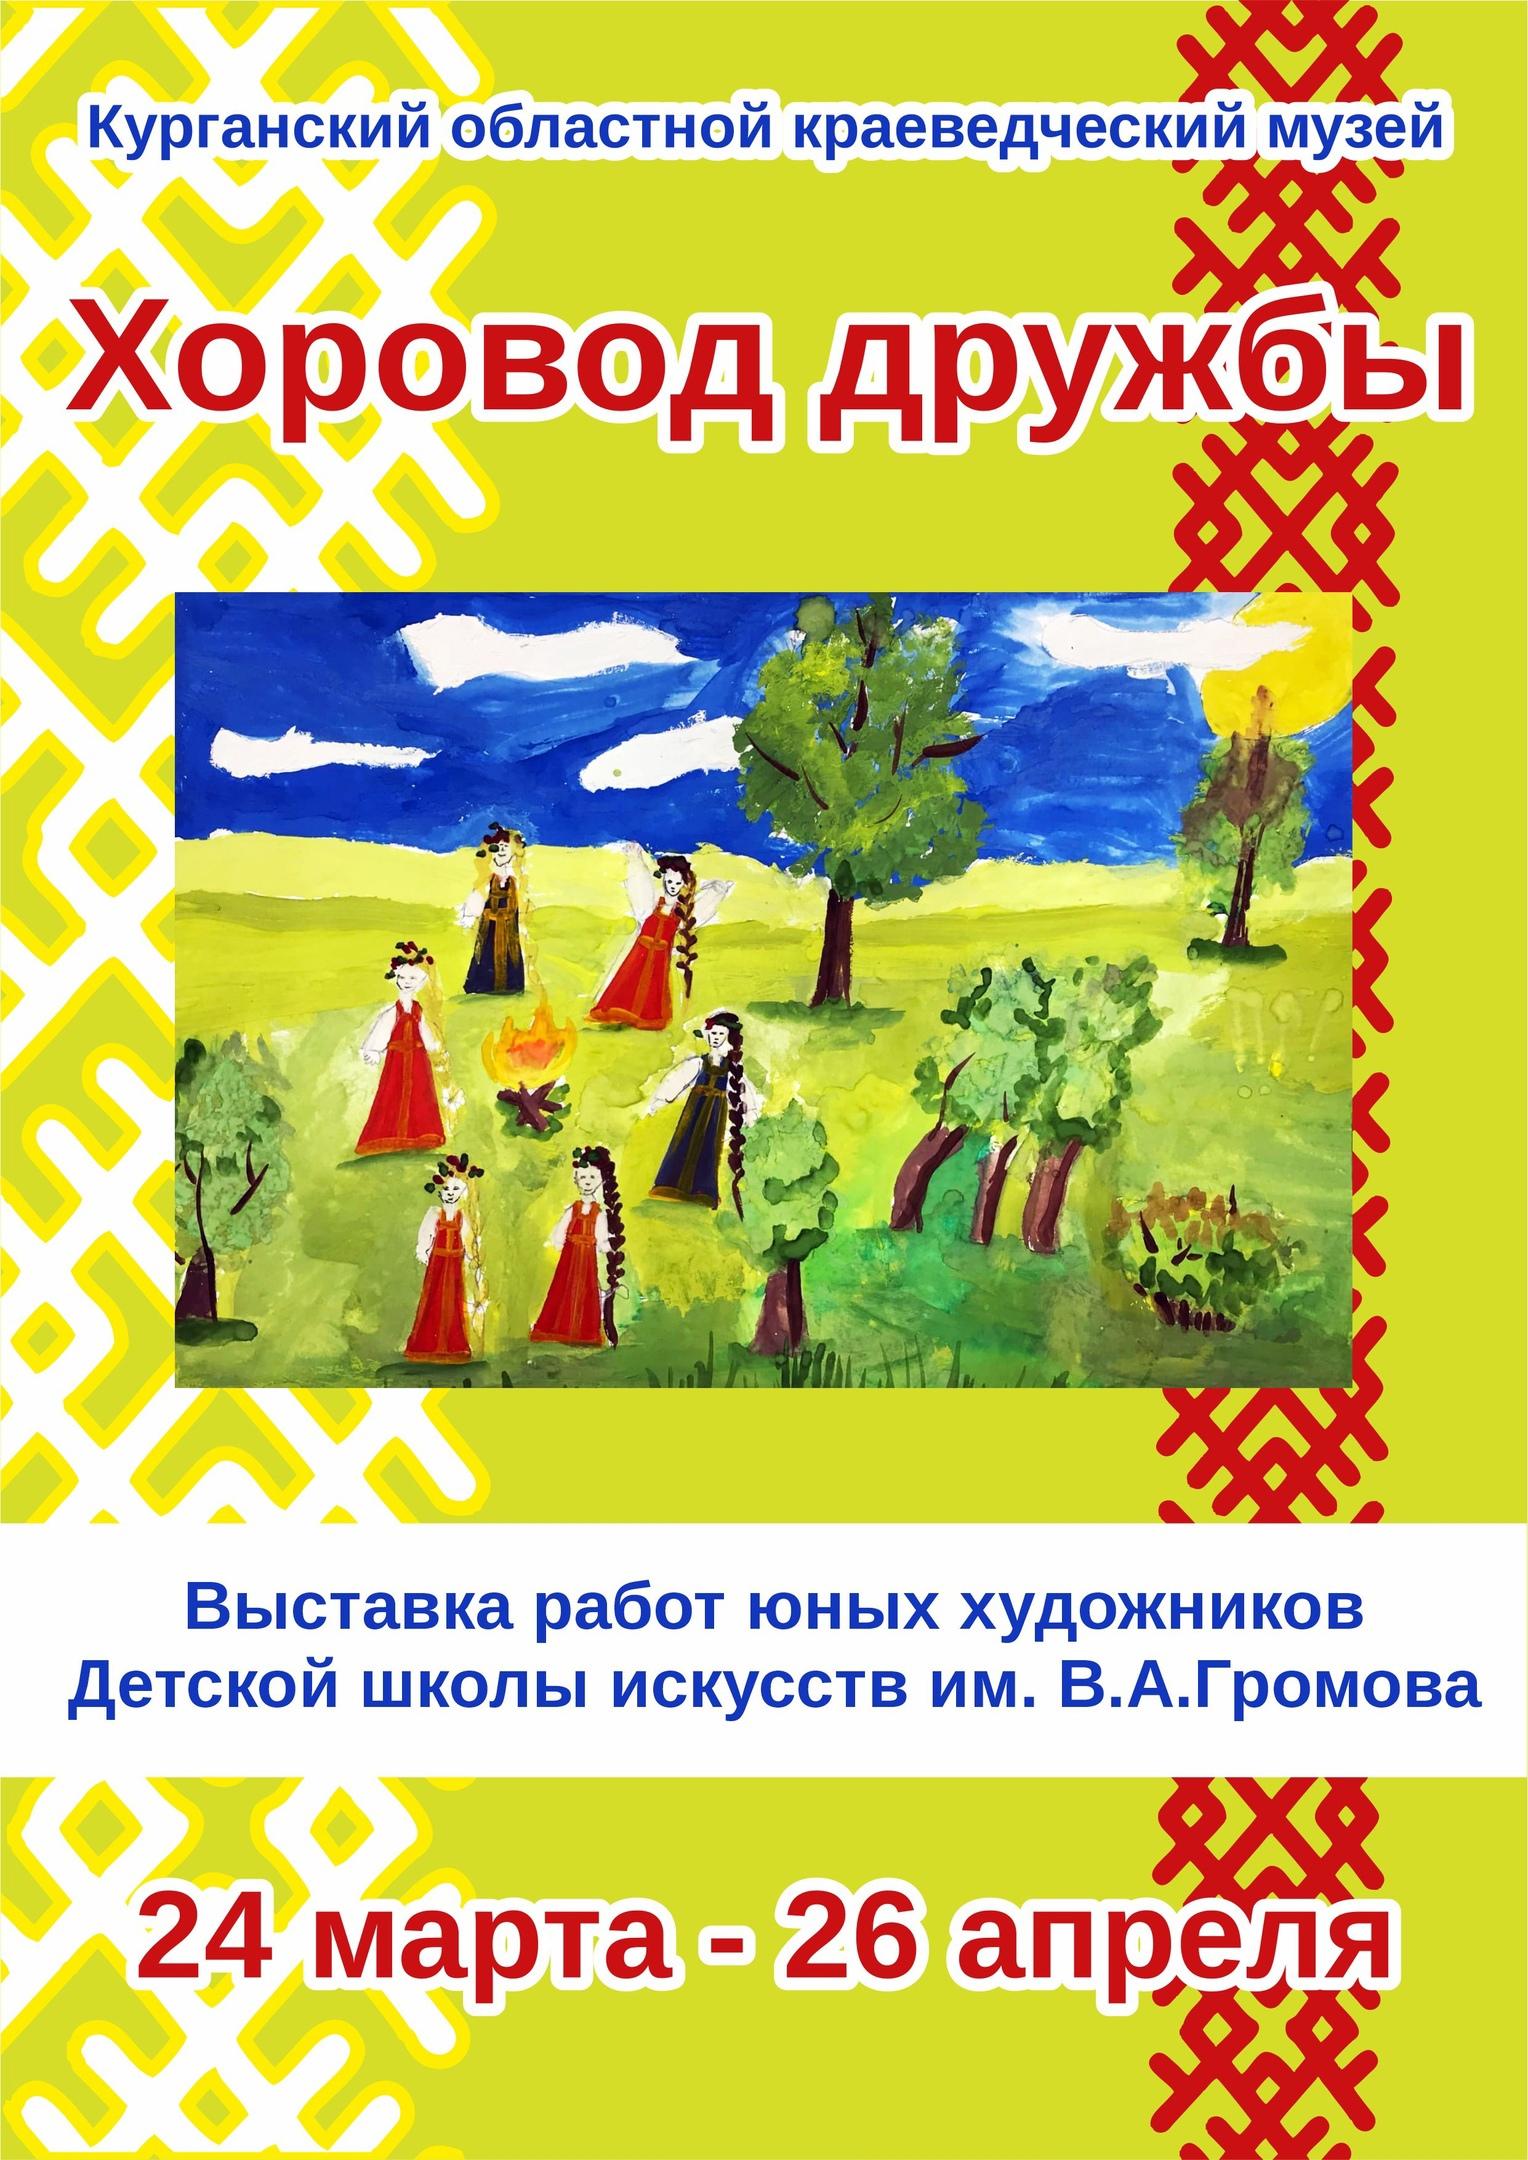 Курганский областной краеведческий музей Выставка «Хоровод дружбы» курган афиша расписание